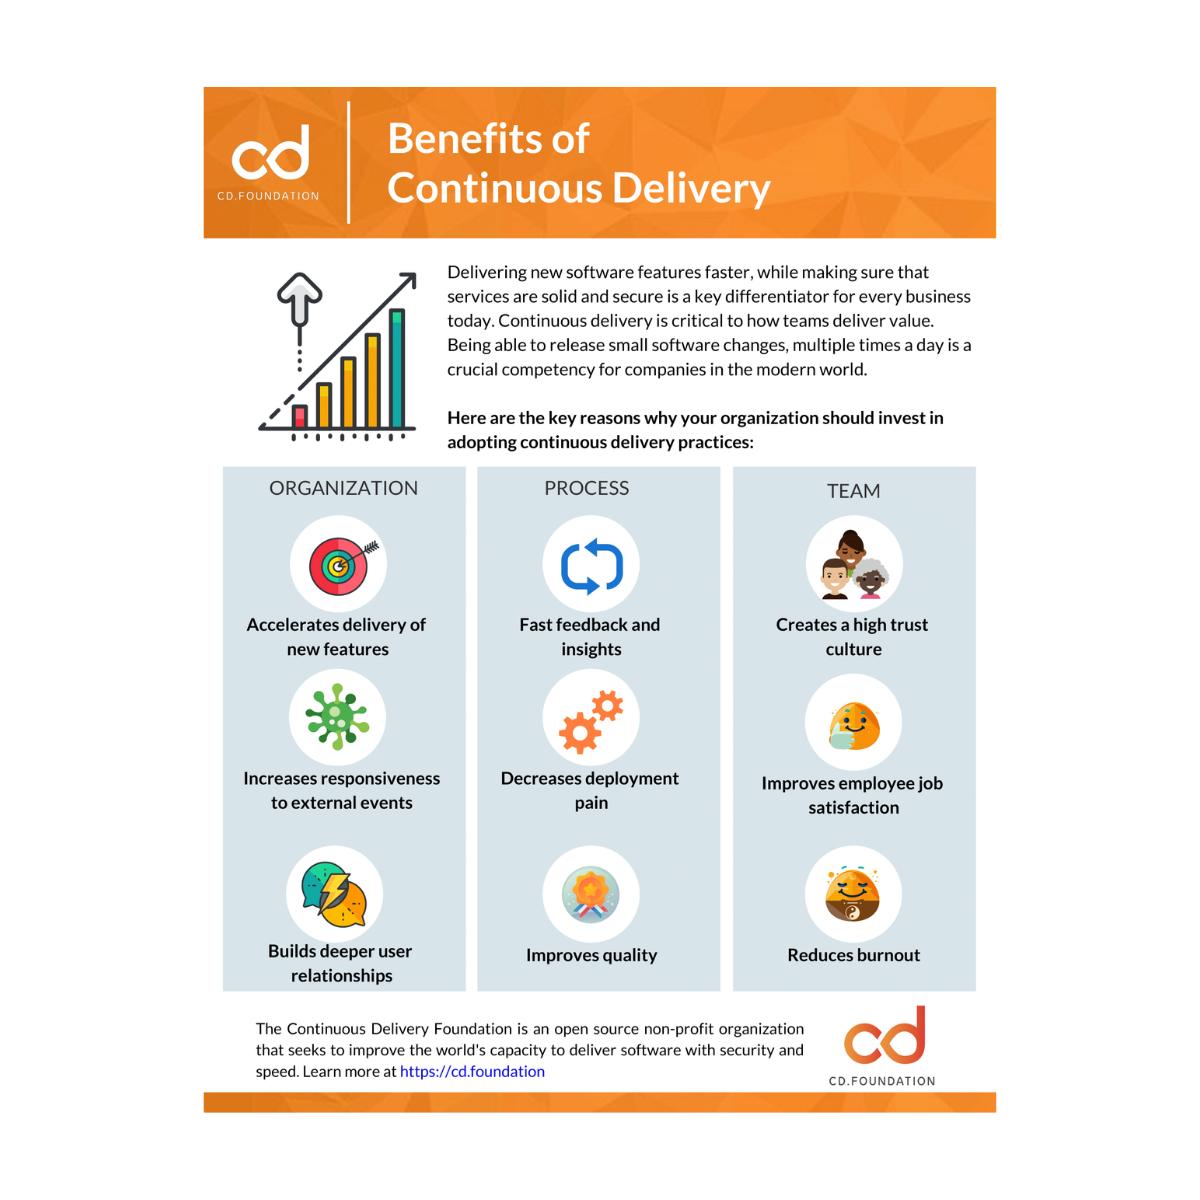 benefits of cd